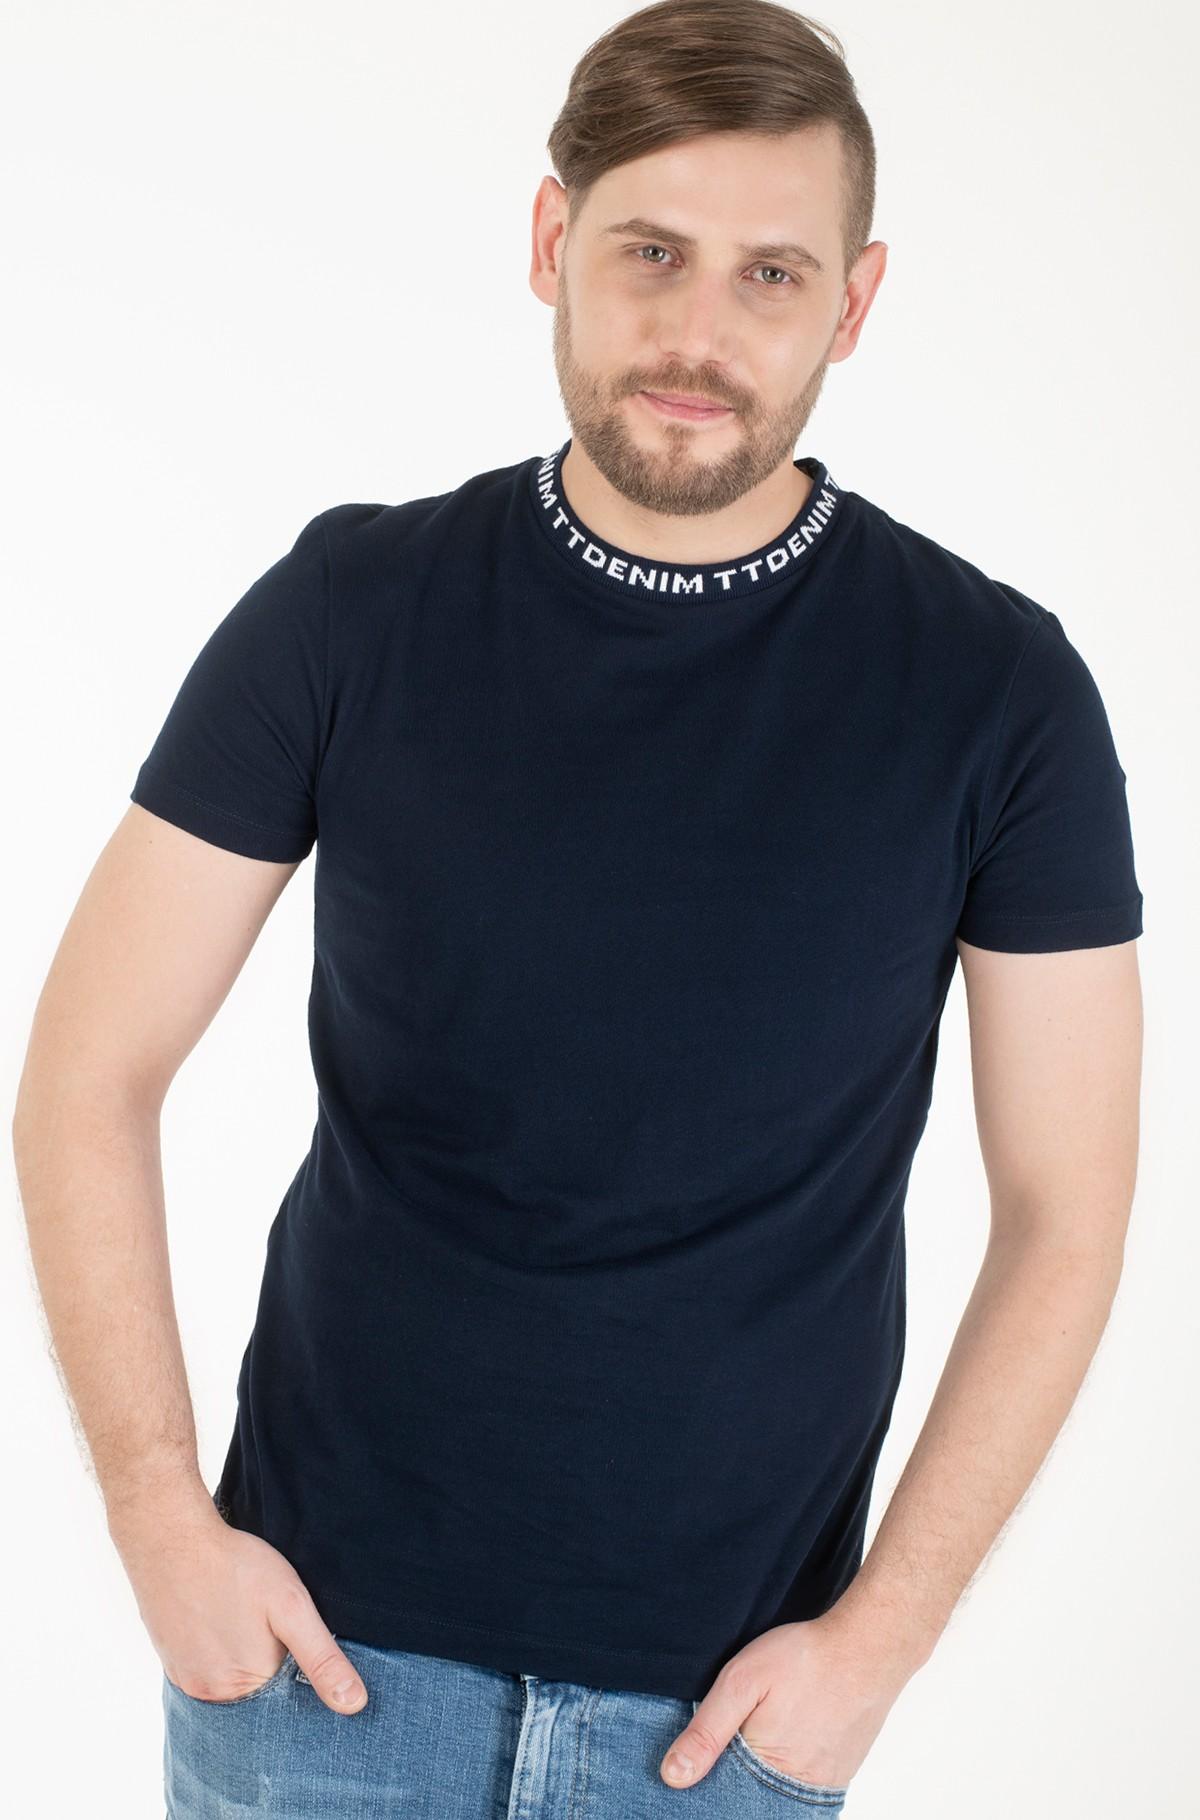 T-shirt 1016831-full-1